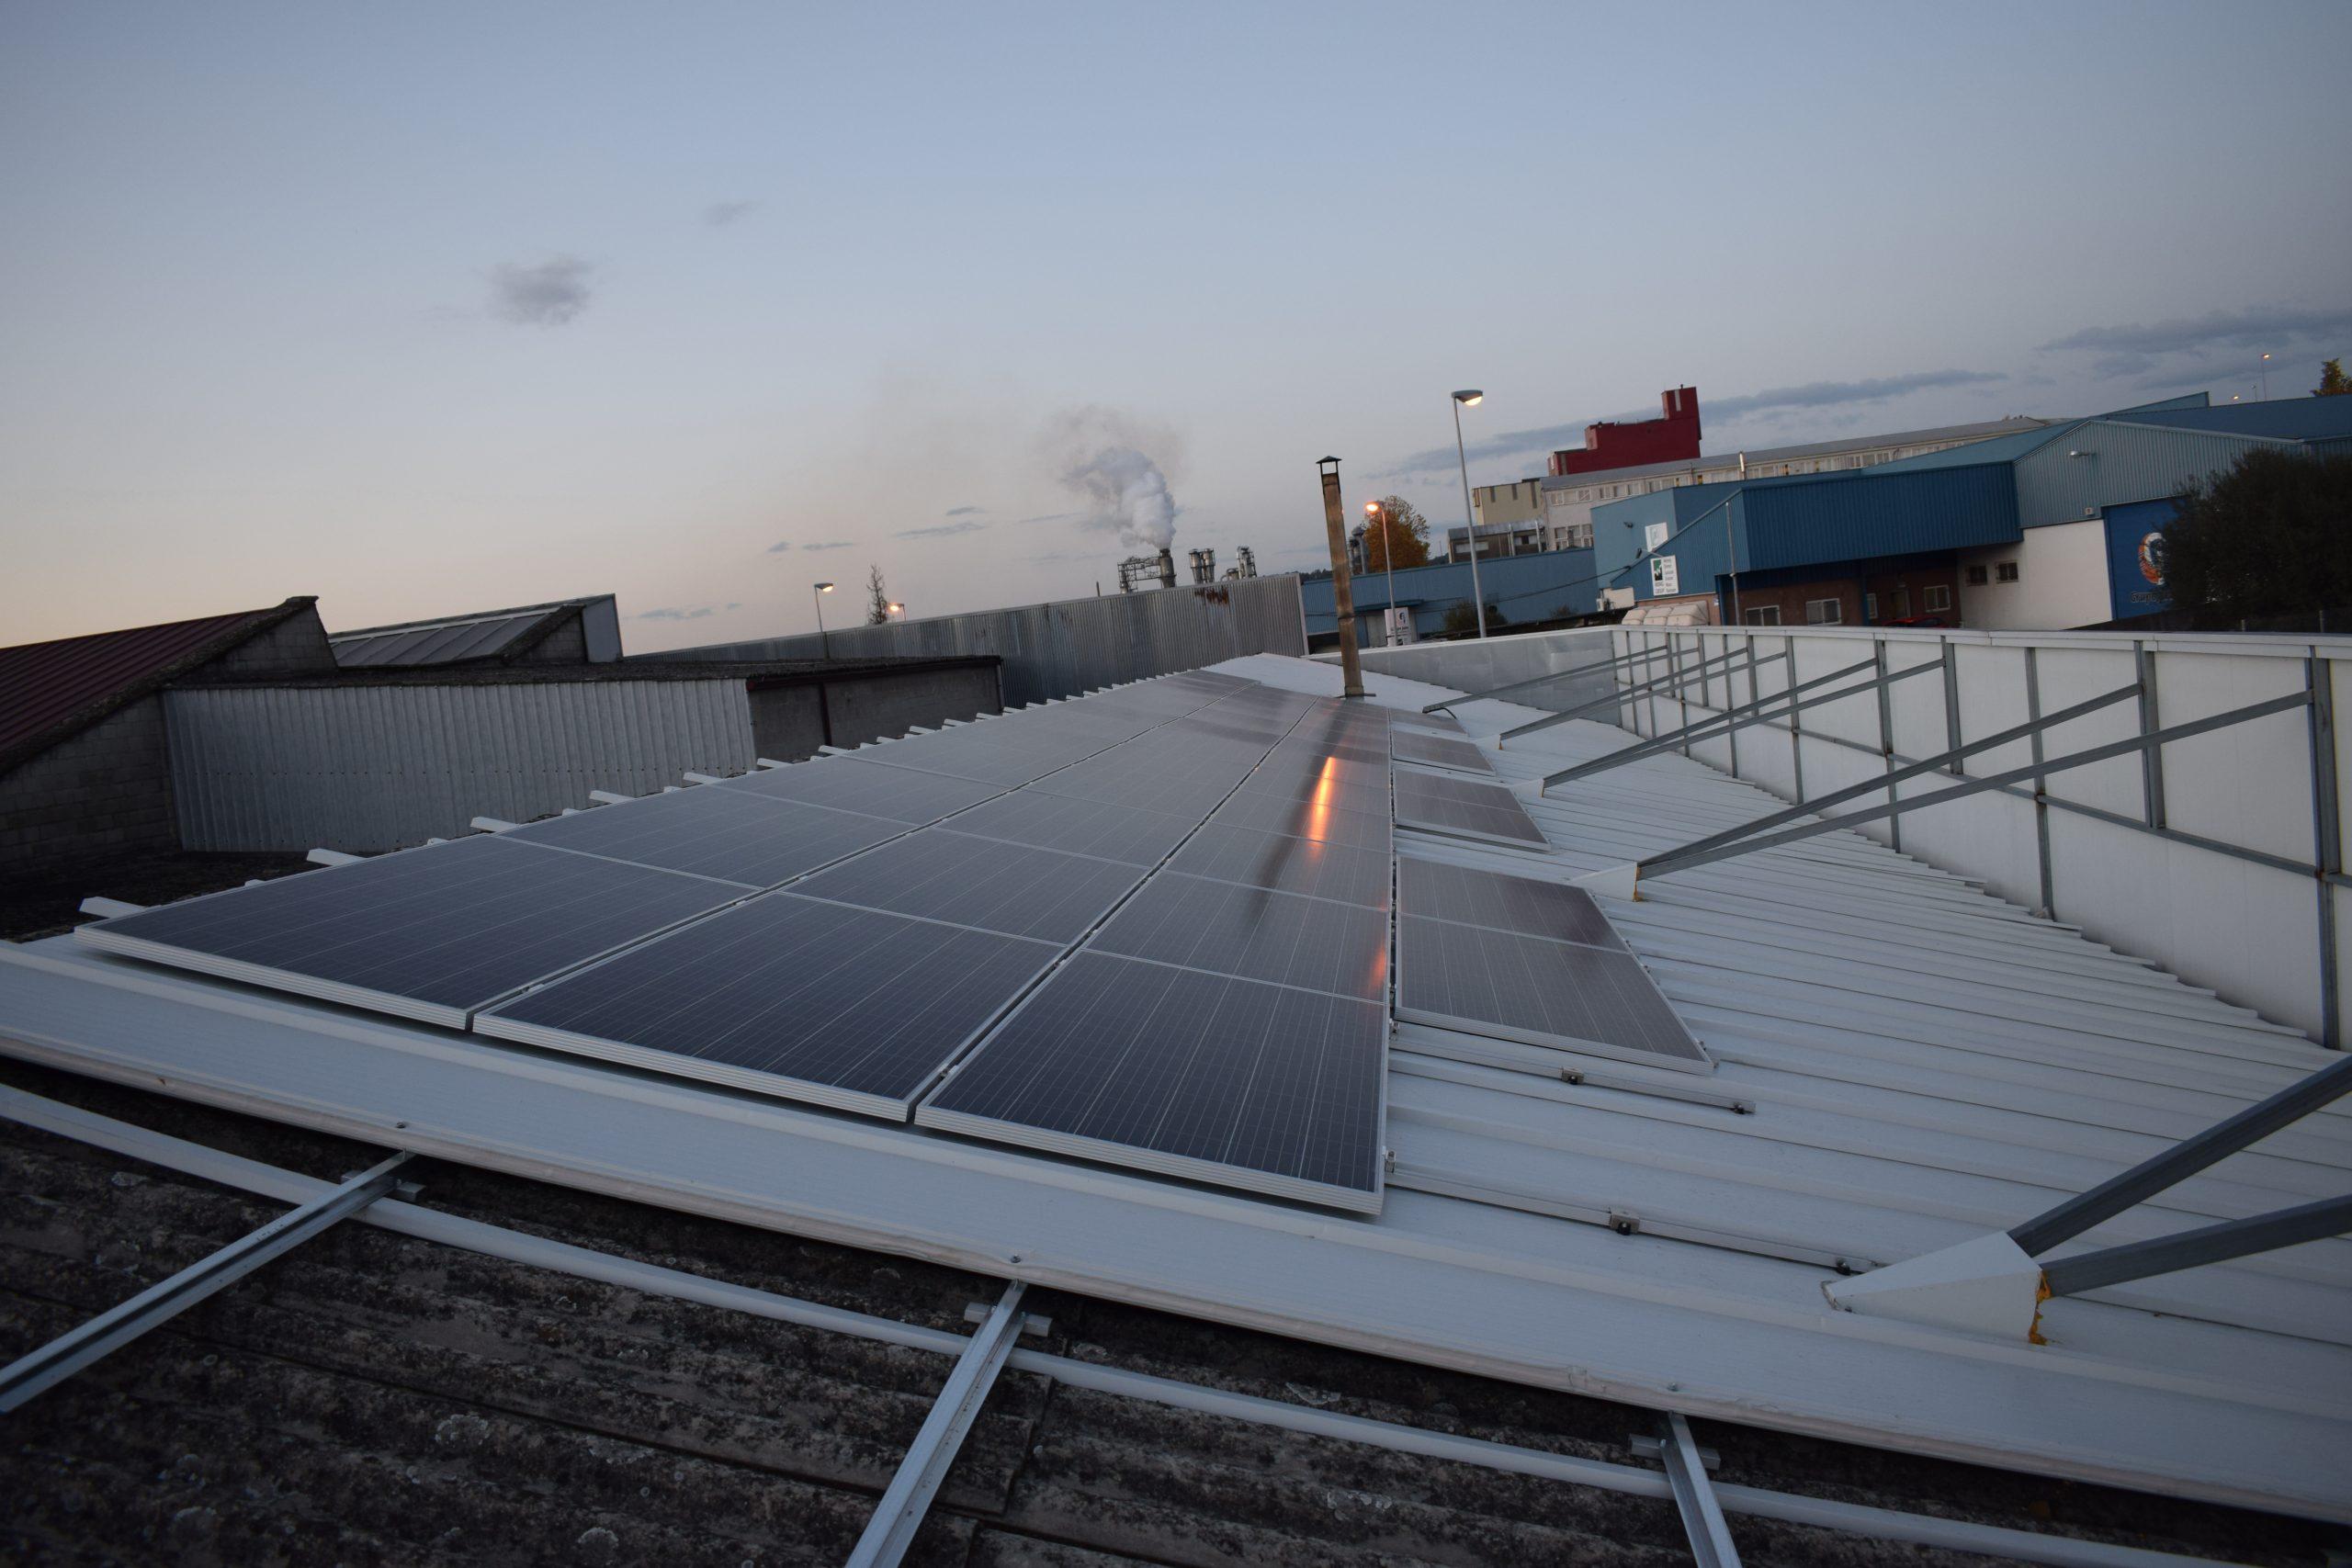 paneles fotovoltaicos en fábrica